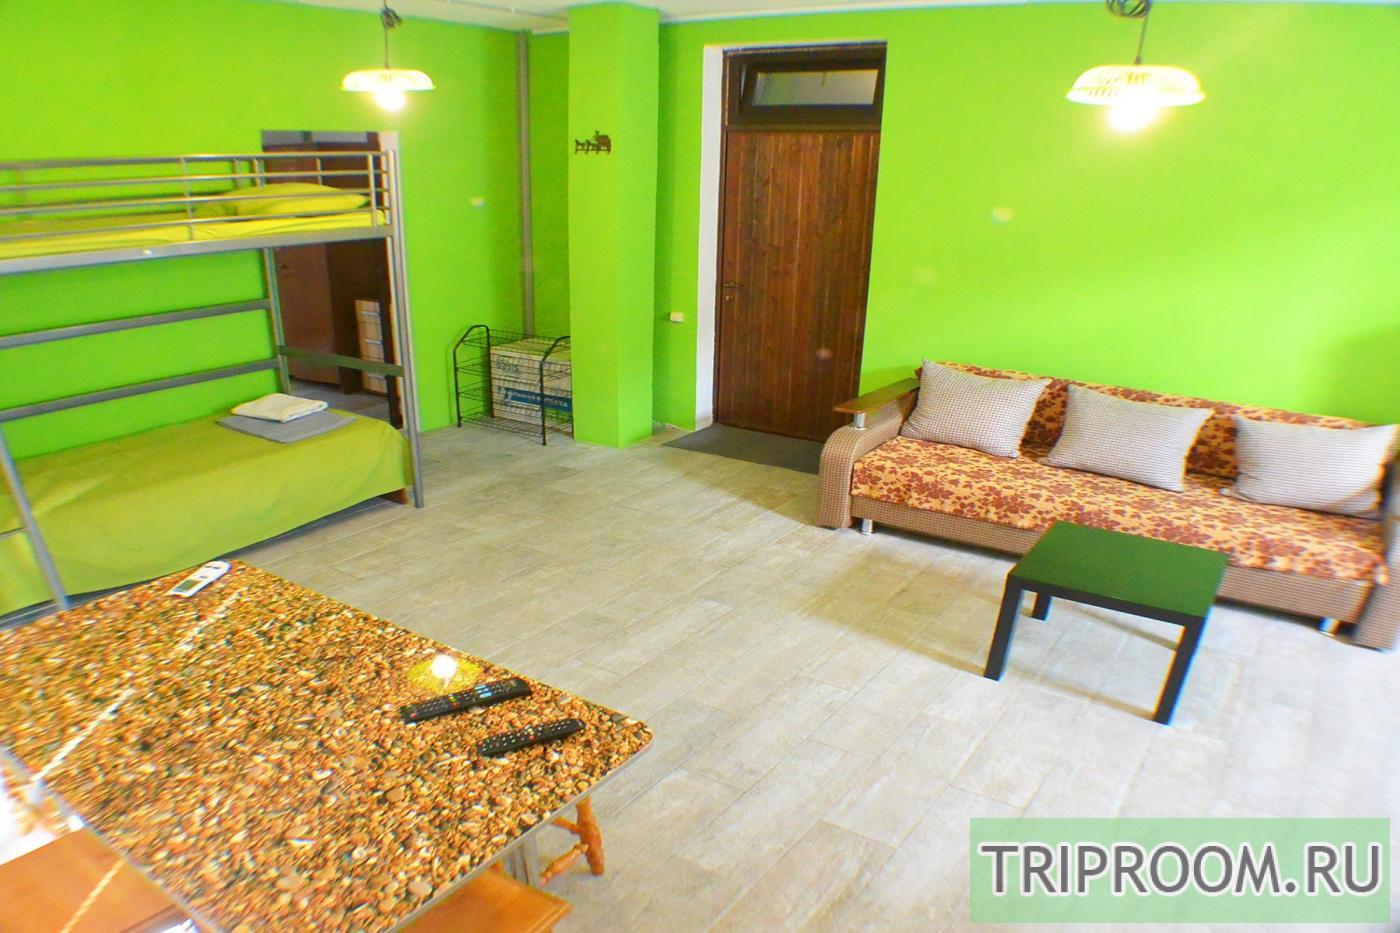 2-комнатная квартира посуточно (вариант № 26983), ул. 8-е марта улица, фото № 17